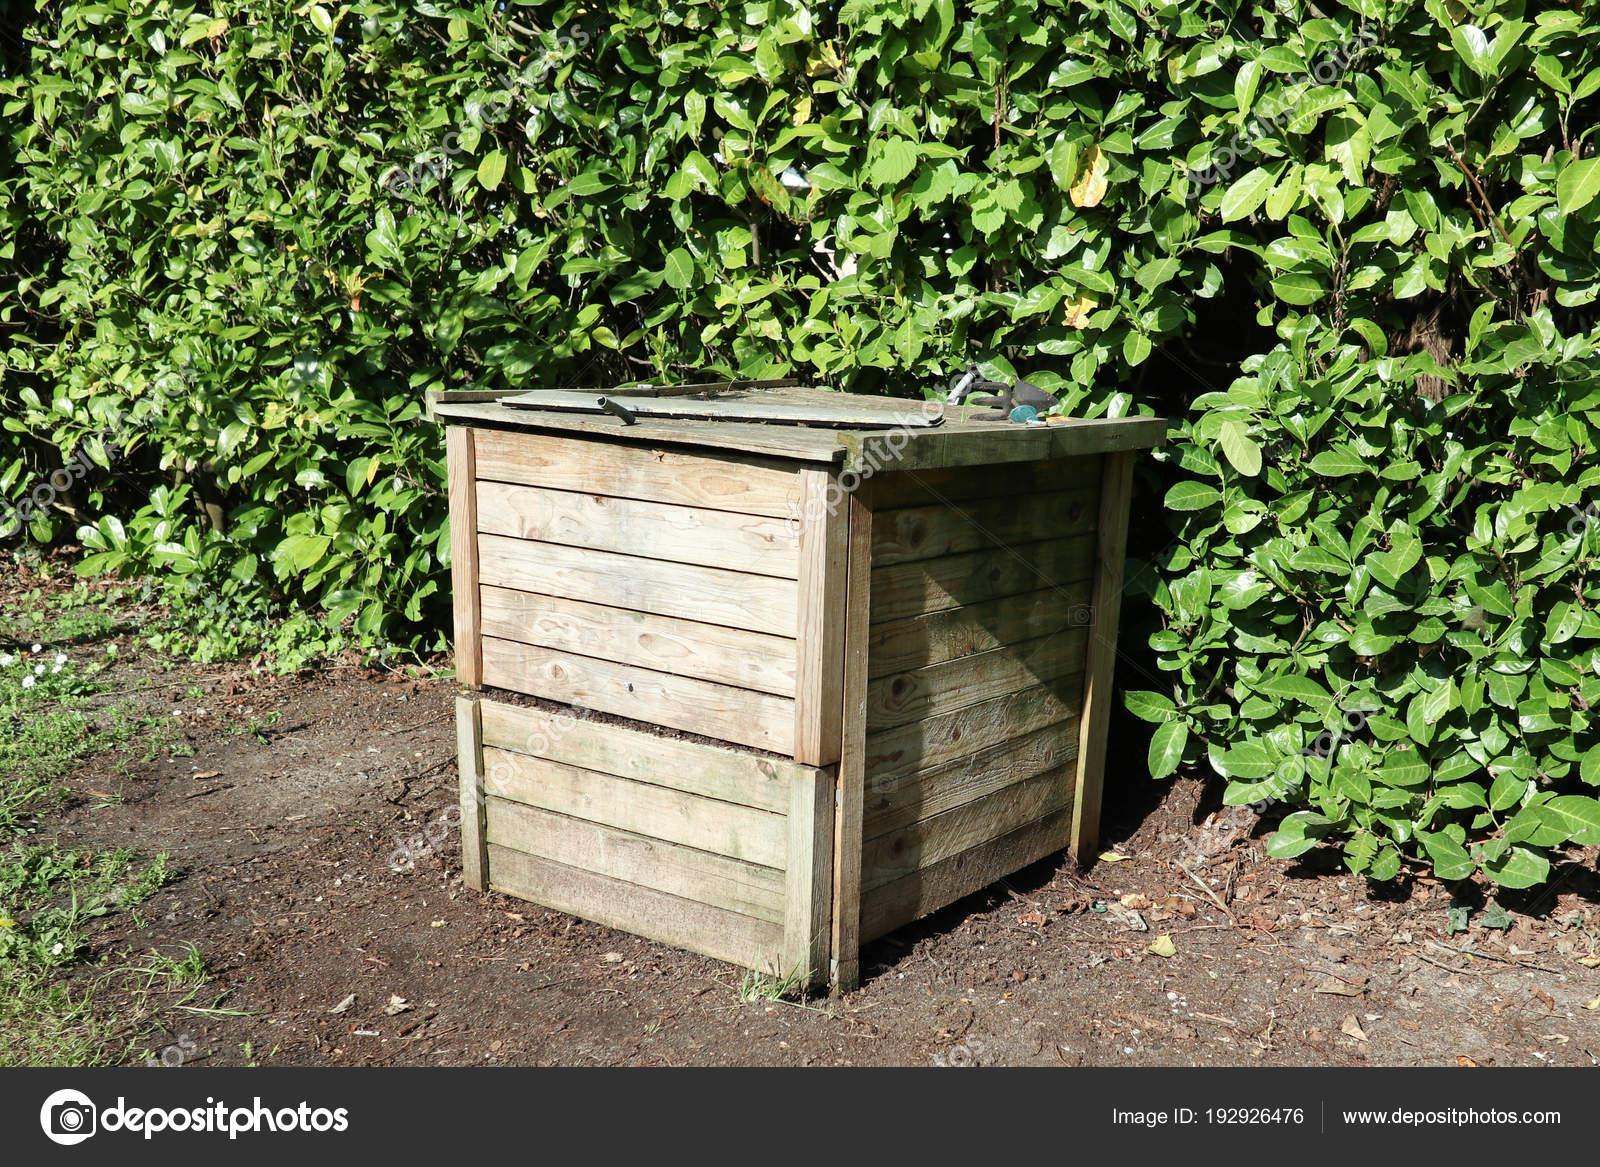 Wurm Kompostierung Holzkiste Einem Garten Stockfoto Oceanprod